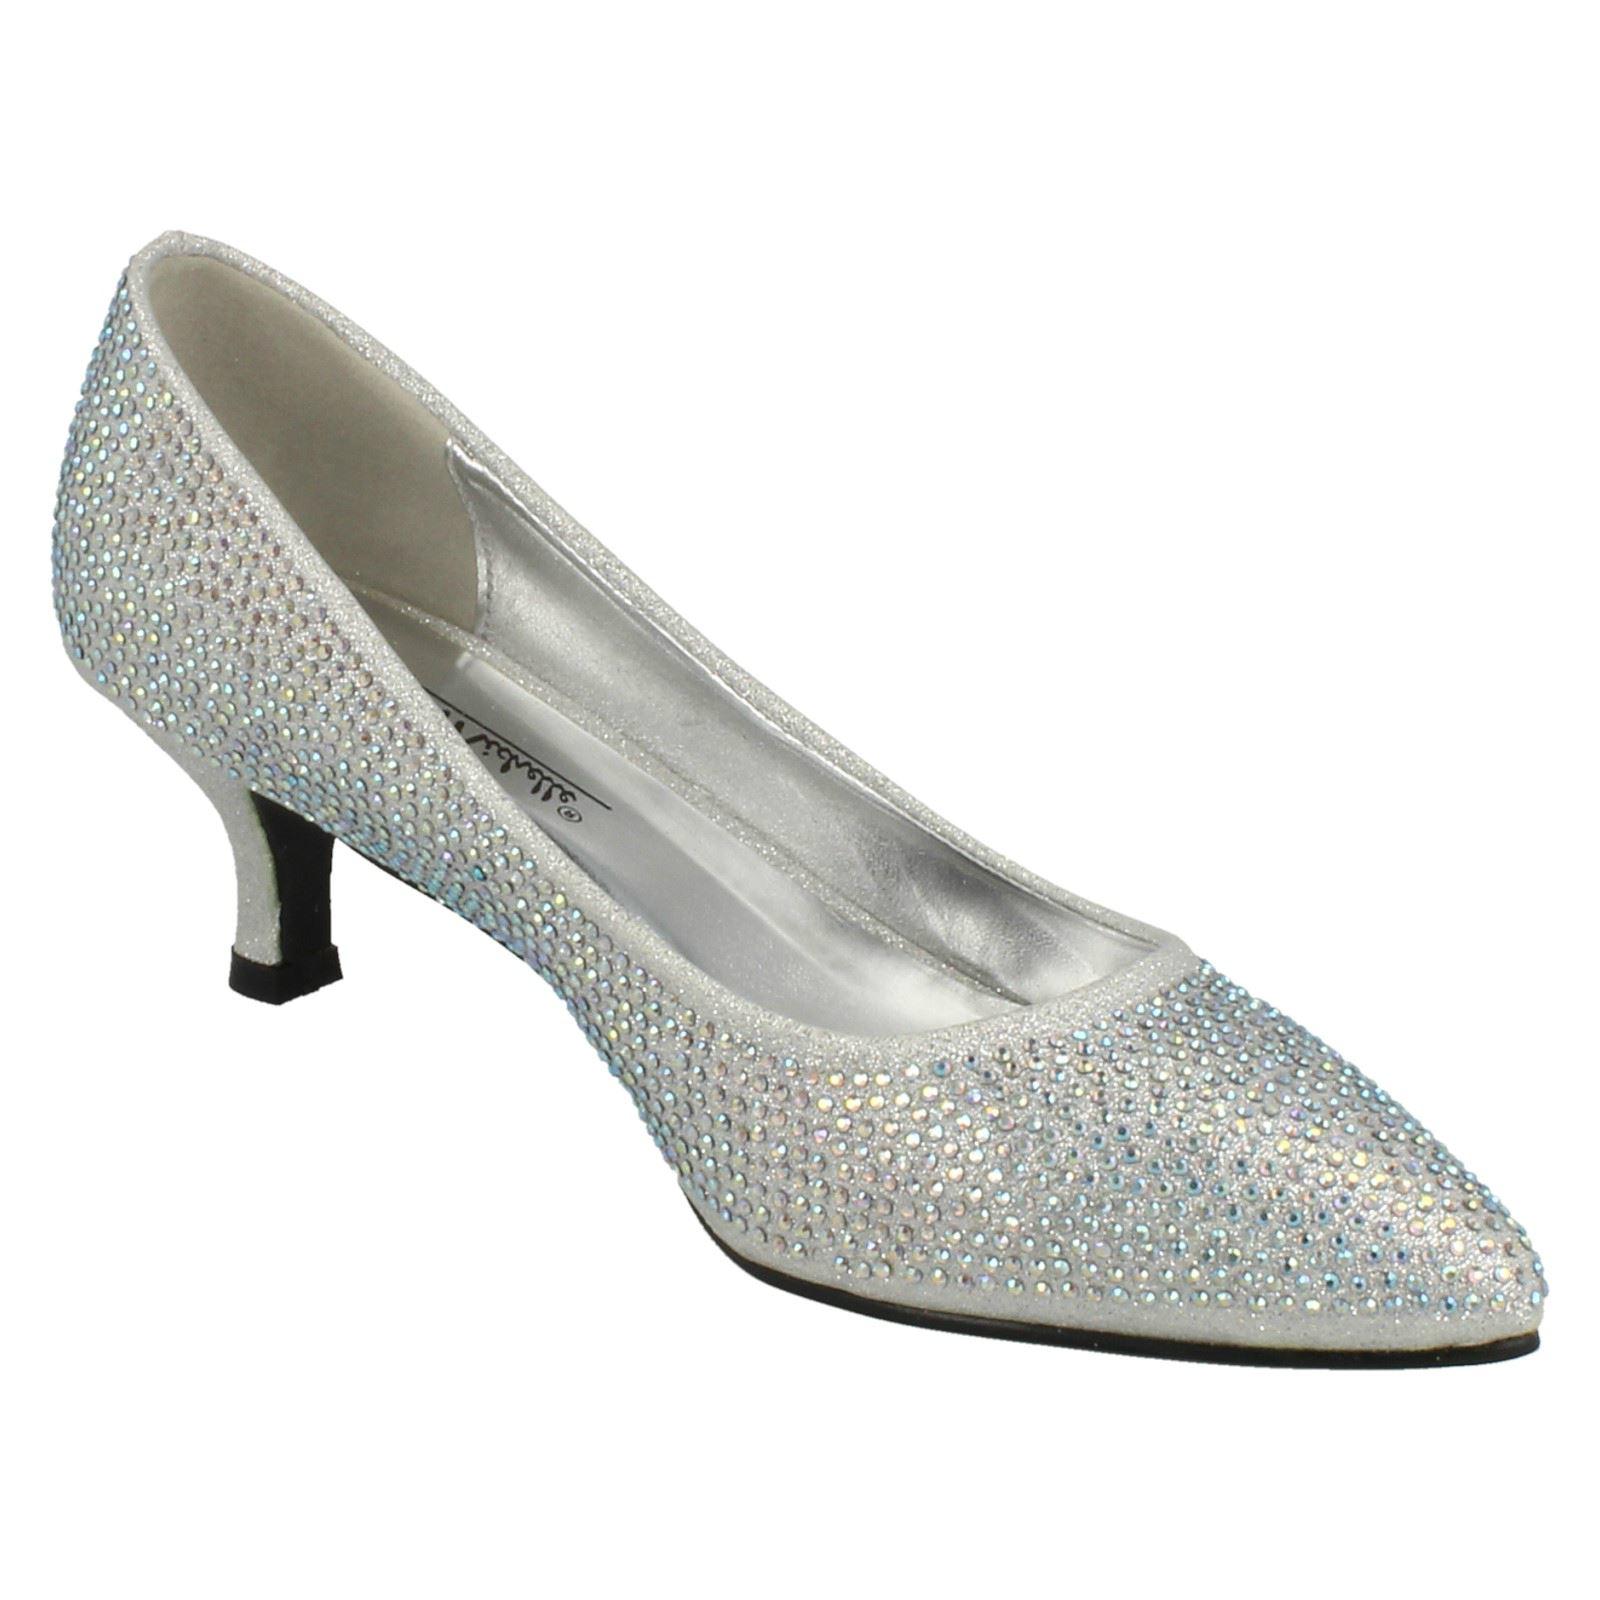 Ladies-Anne-Michelle-Diamante-Low-Heel-Court-Shoes thumbnail 30